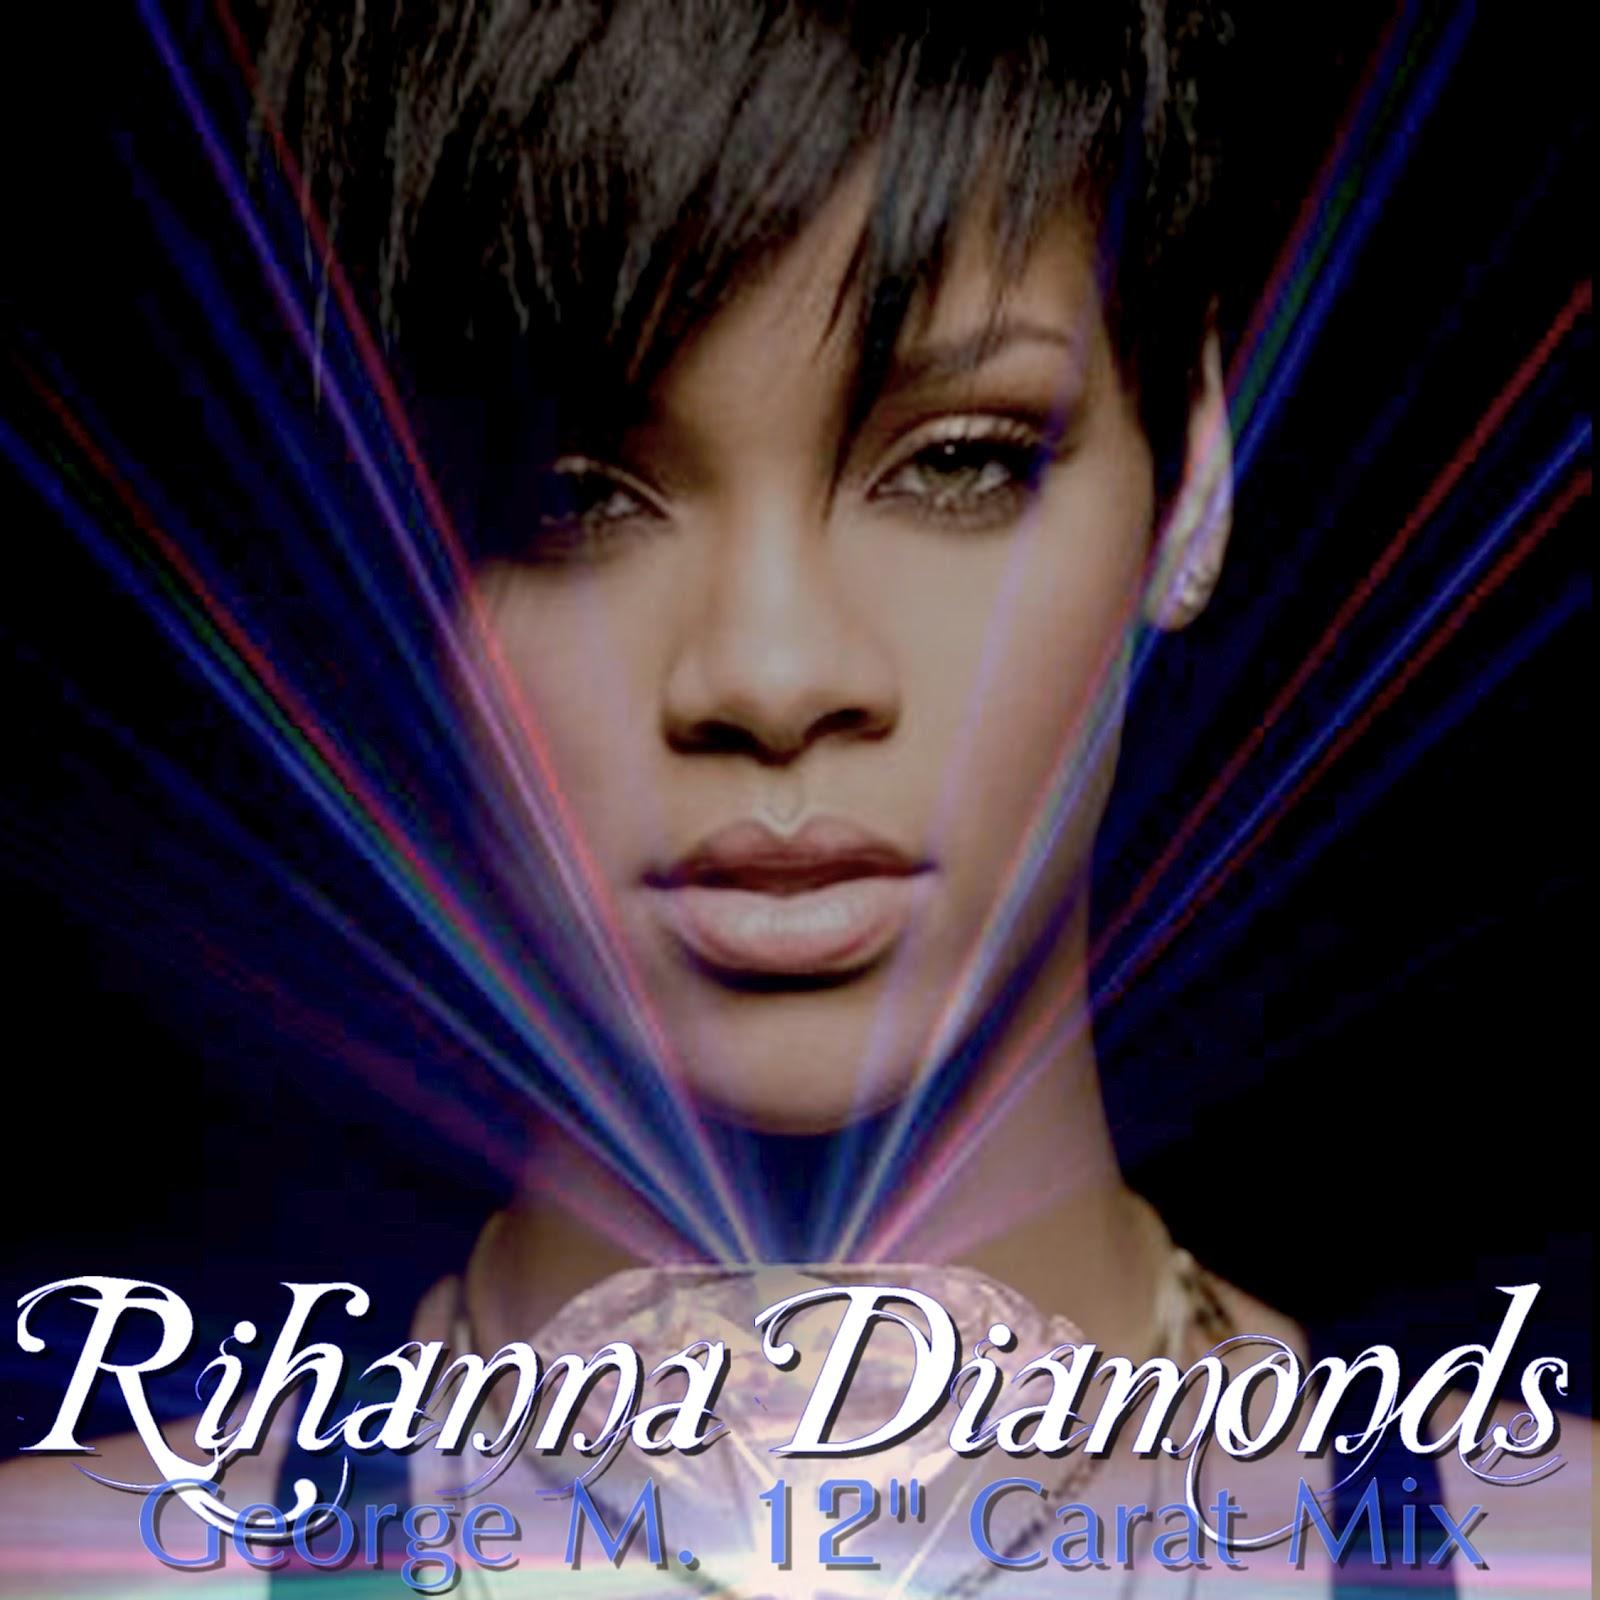 imarapratiwi: Rihanna ... Rihanna Diamonds